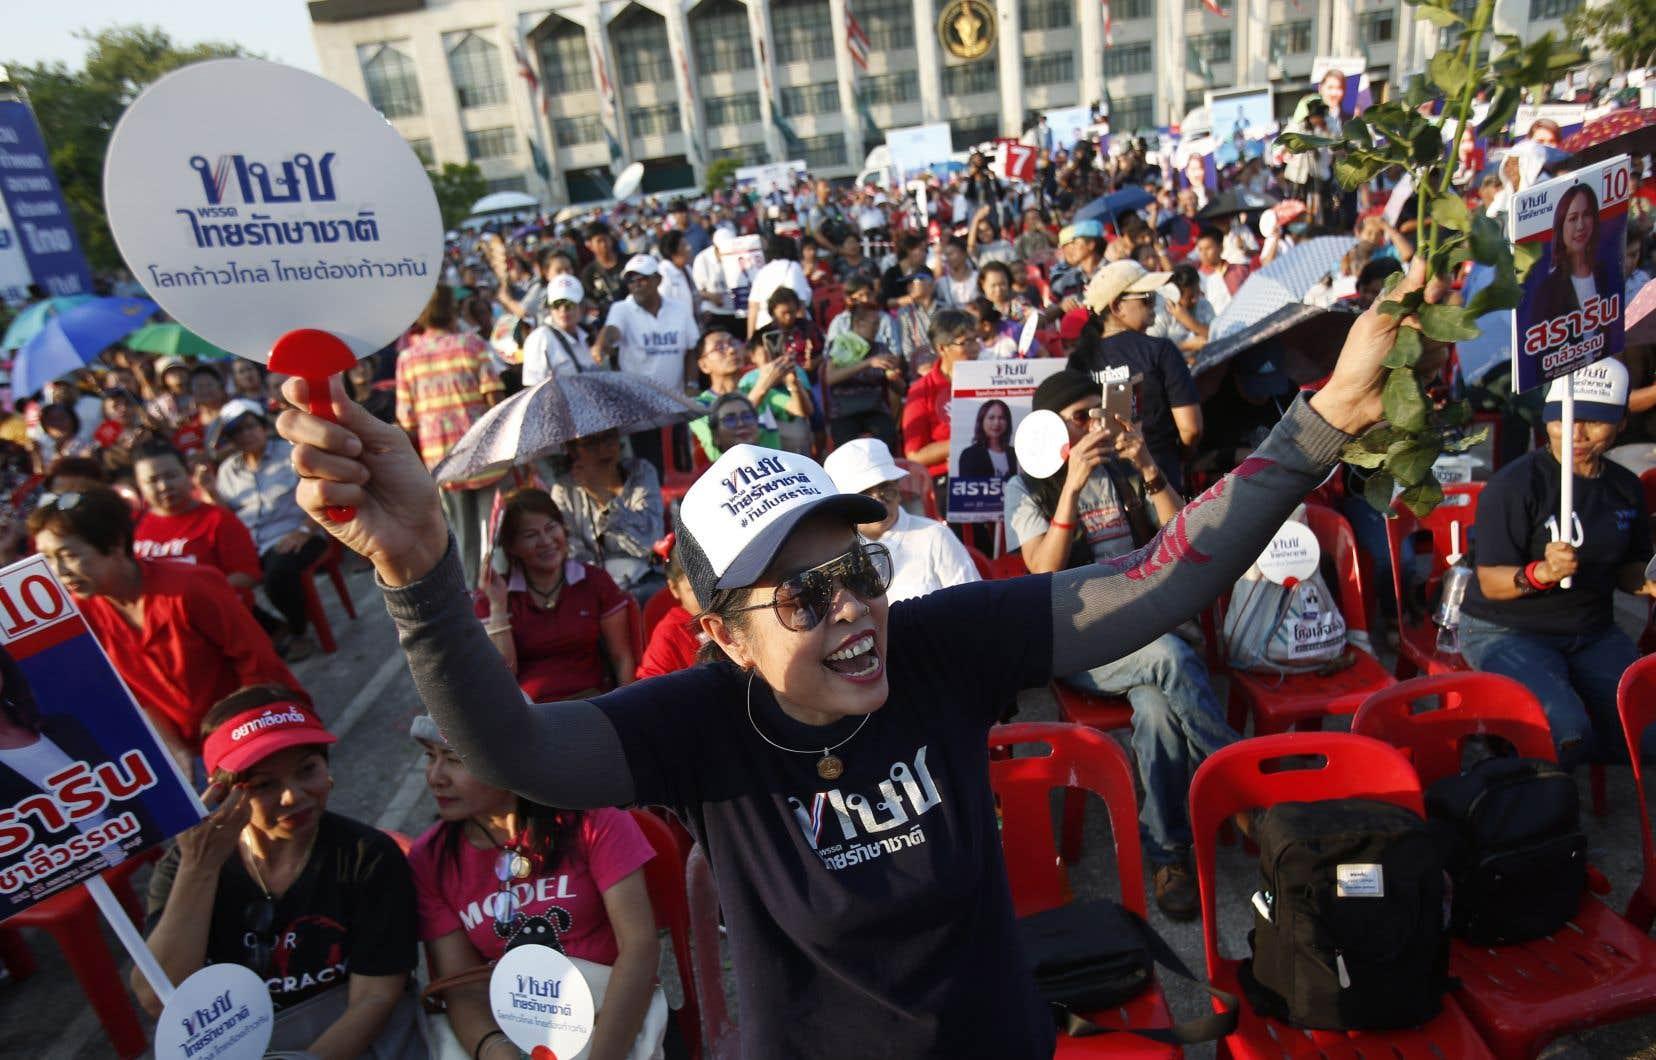 Des milliers de personnes ont convergé vers le centre historique de Bangkok tard vendredi pour soutenir la campagne du Thai Raksa Chart.